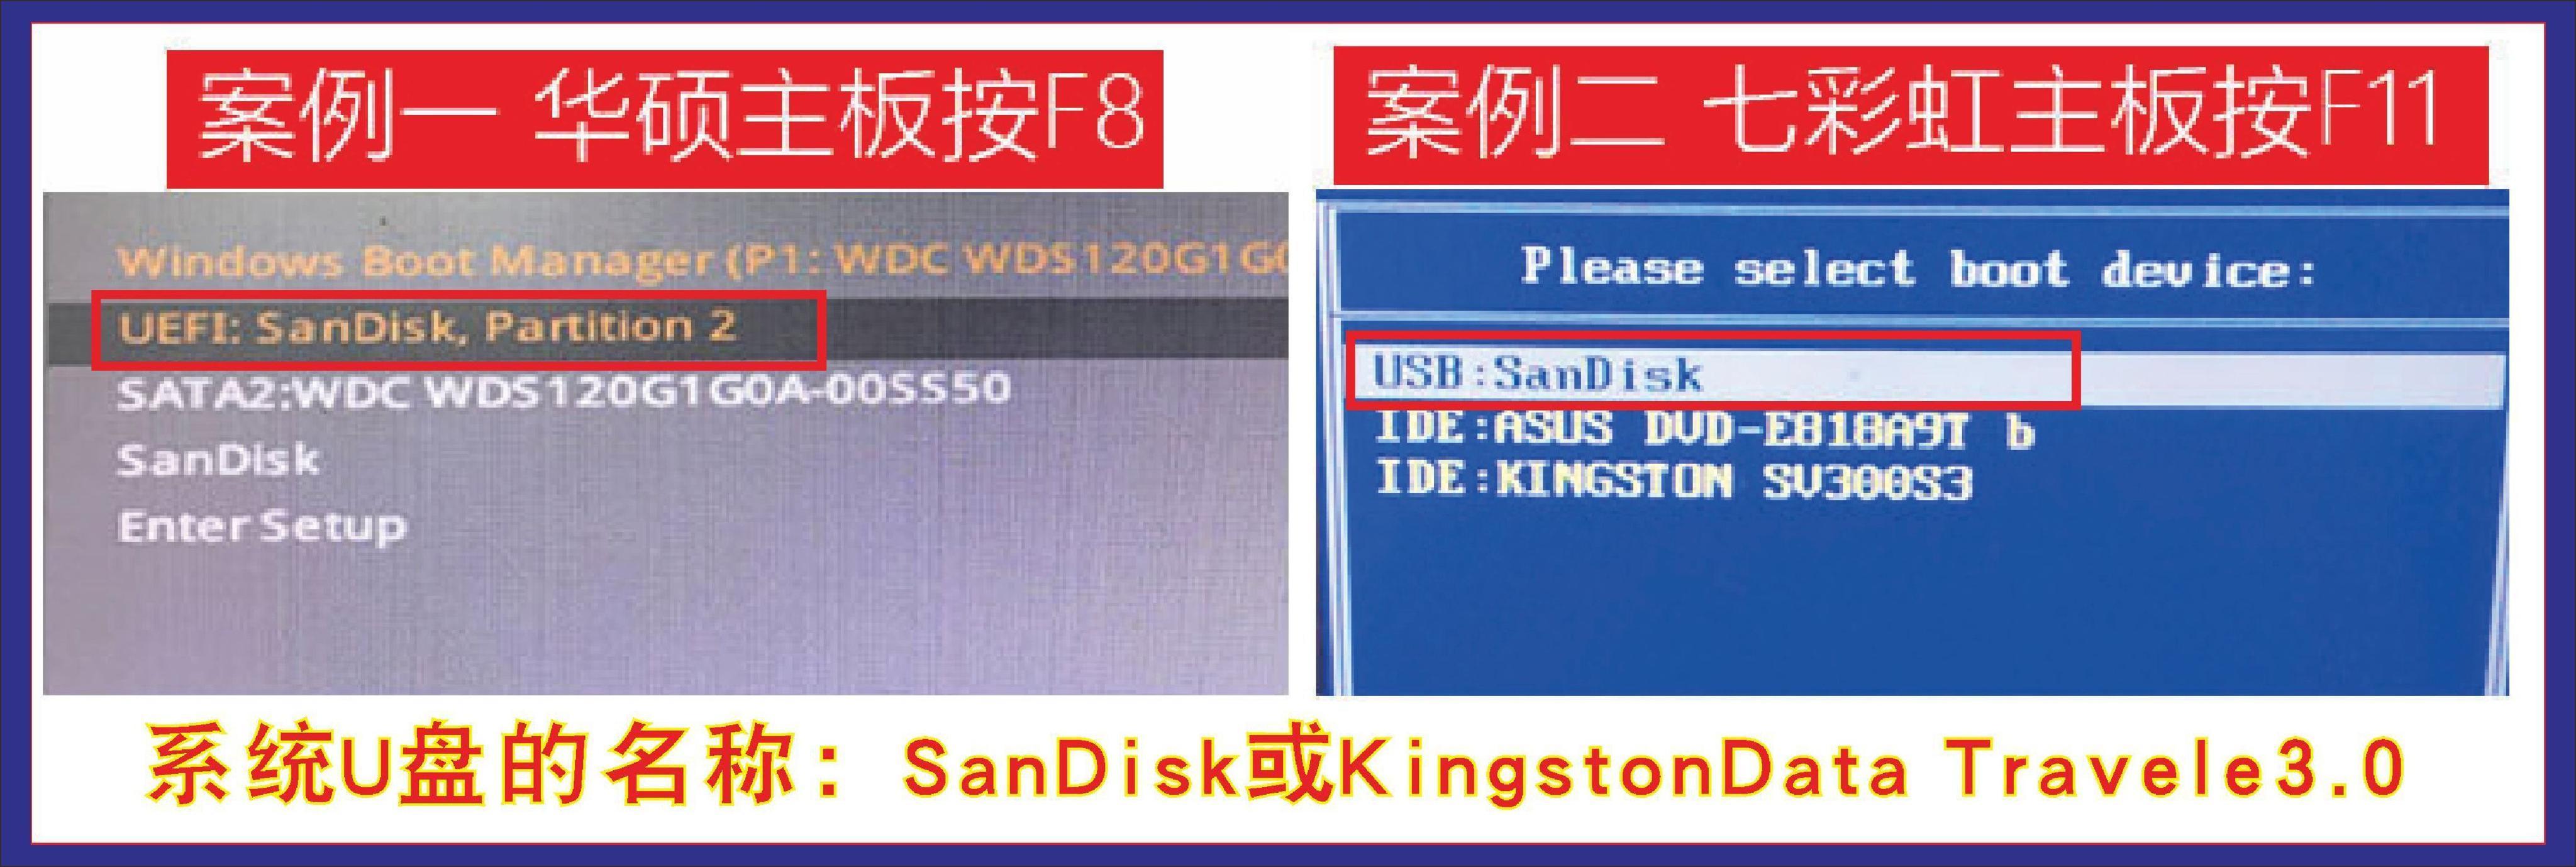 Windows7教程香肠展示原版技巧派对一日安装击杀小系统图片